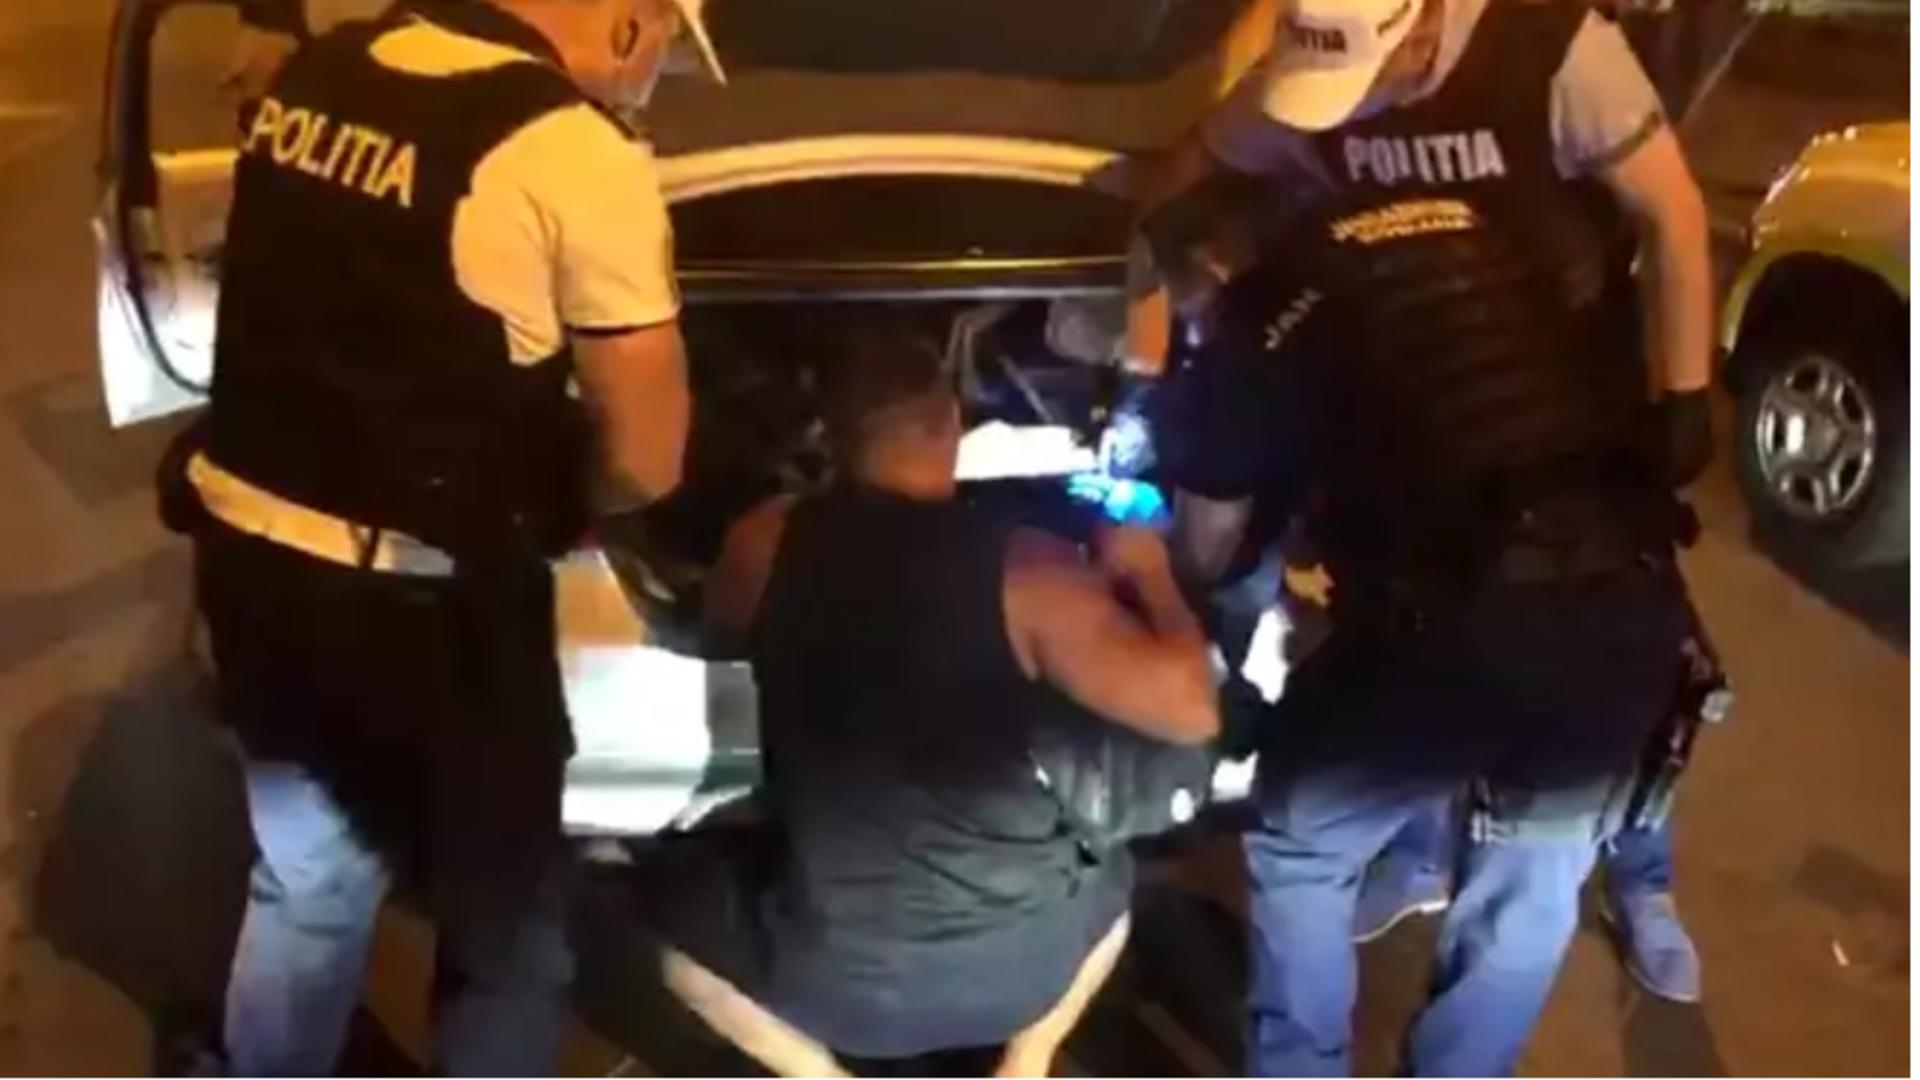 Filtre în București după uciderea lui Emi Pian. Ce au găsit polițiștii în mai multe mașini